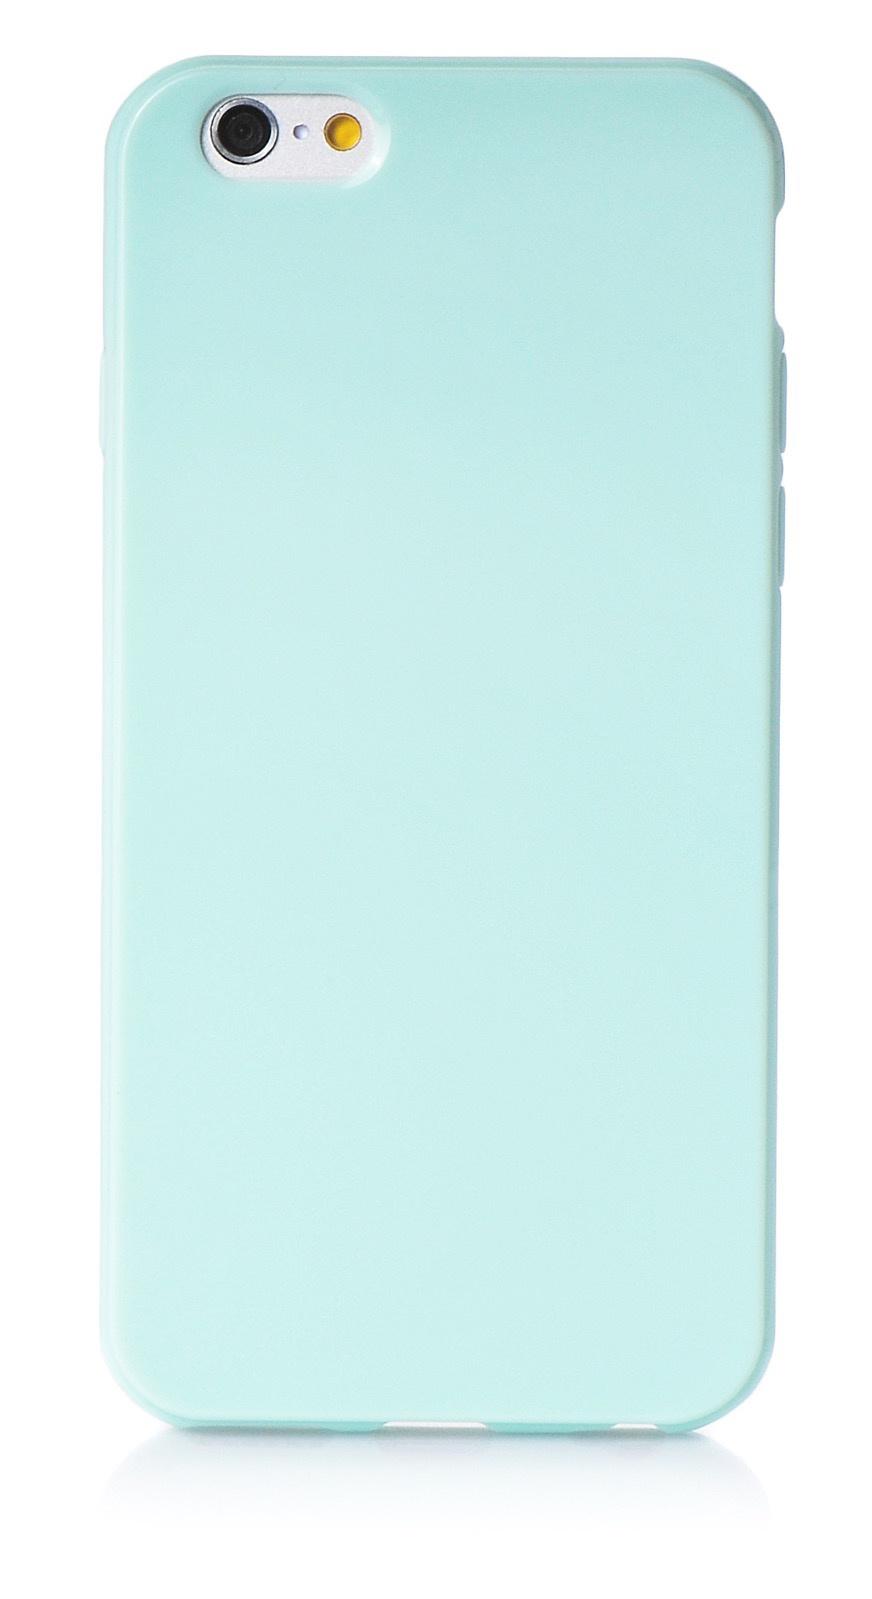 """Чехол для сотового телефона iNeez накладка силикон мыльница 620213 для Apple Iphone 6 Plus/6S Plus 5.5"""", светло-зеленый"""